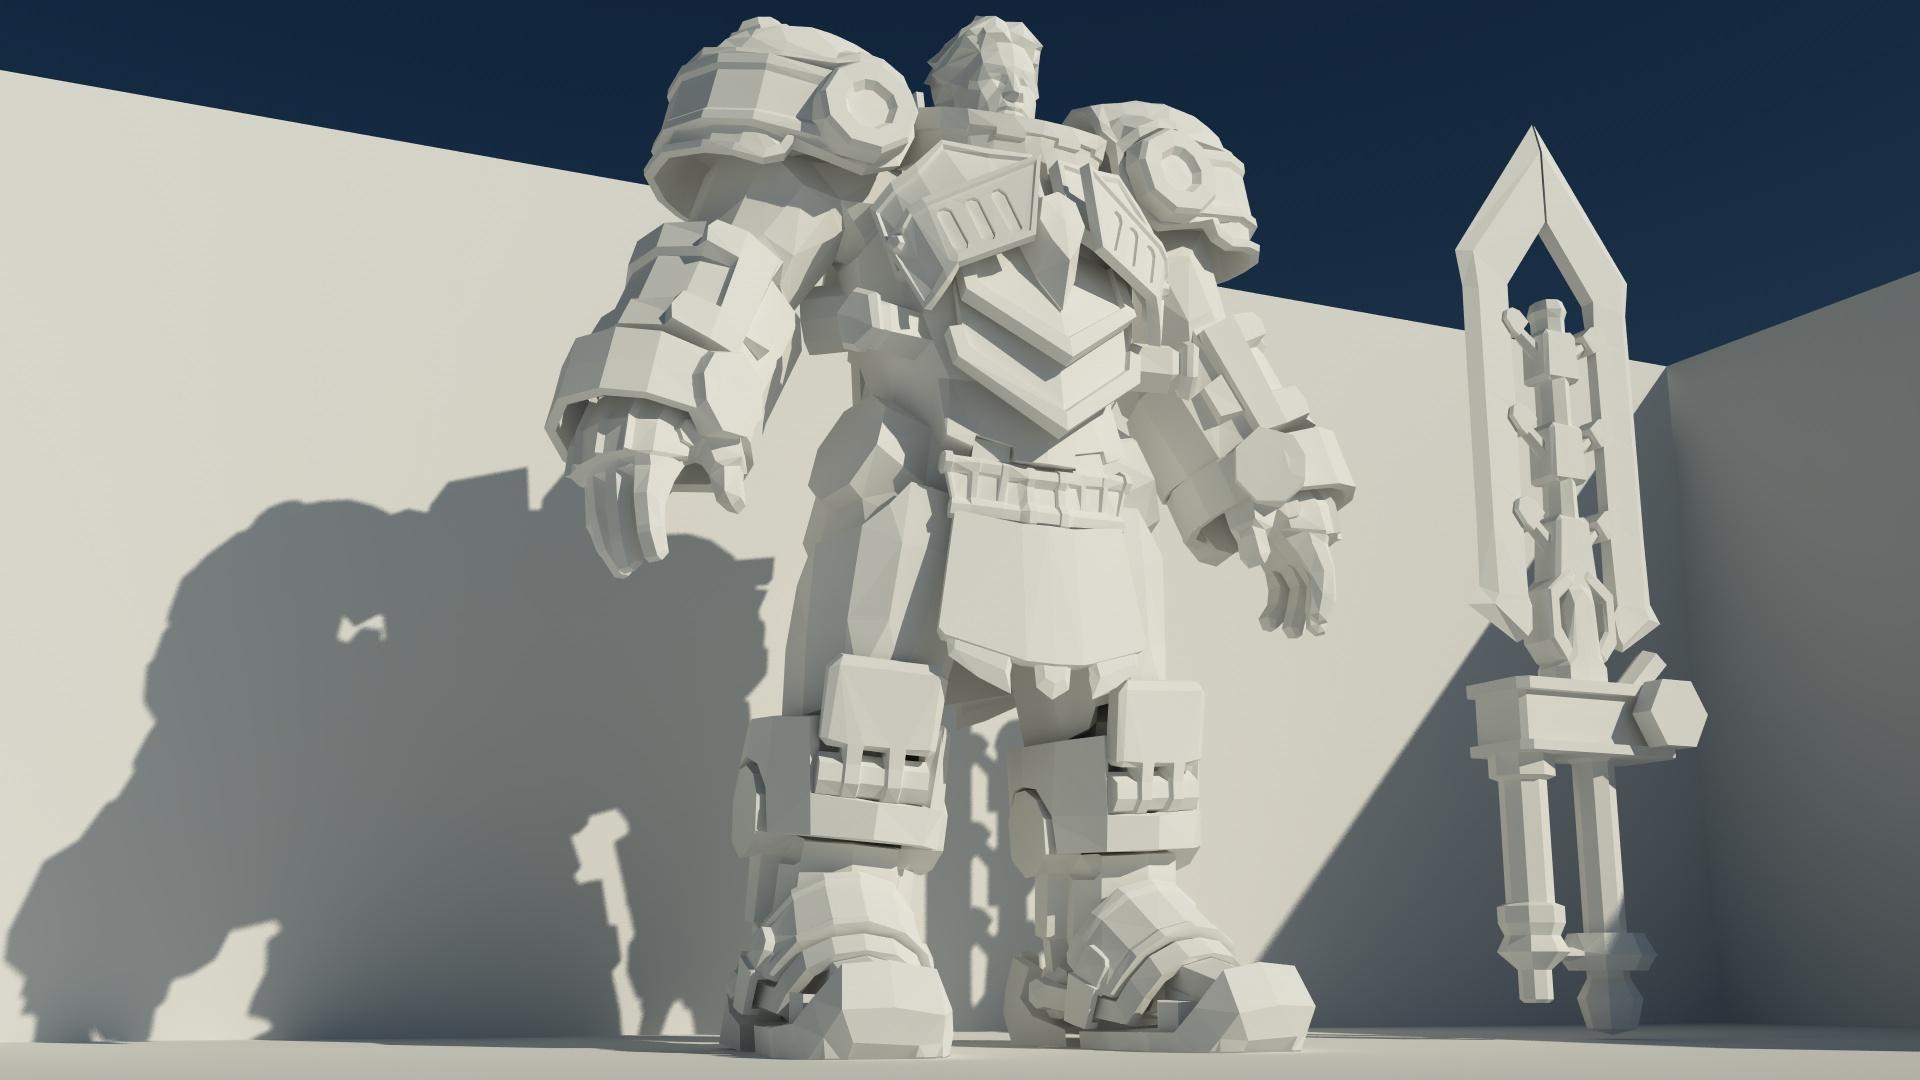 Steel Legion Garen Vray Render1 by M-Craft on DeviantArt